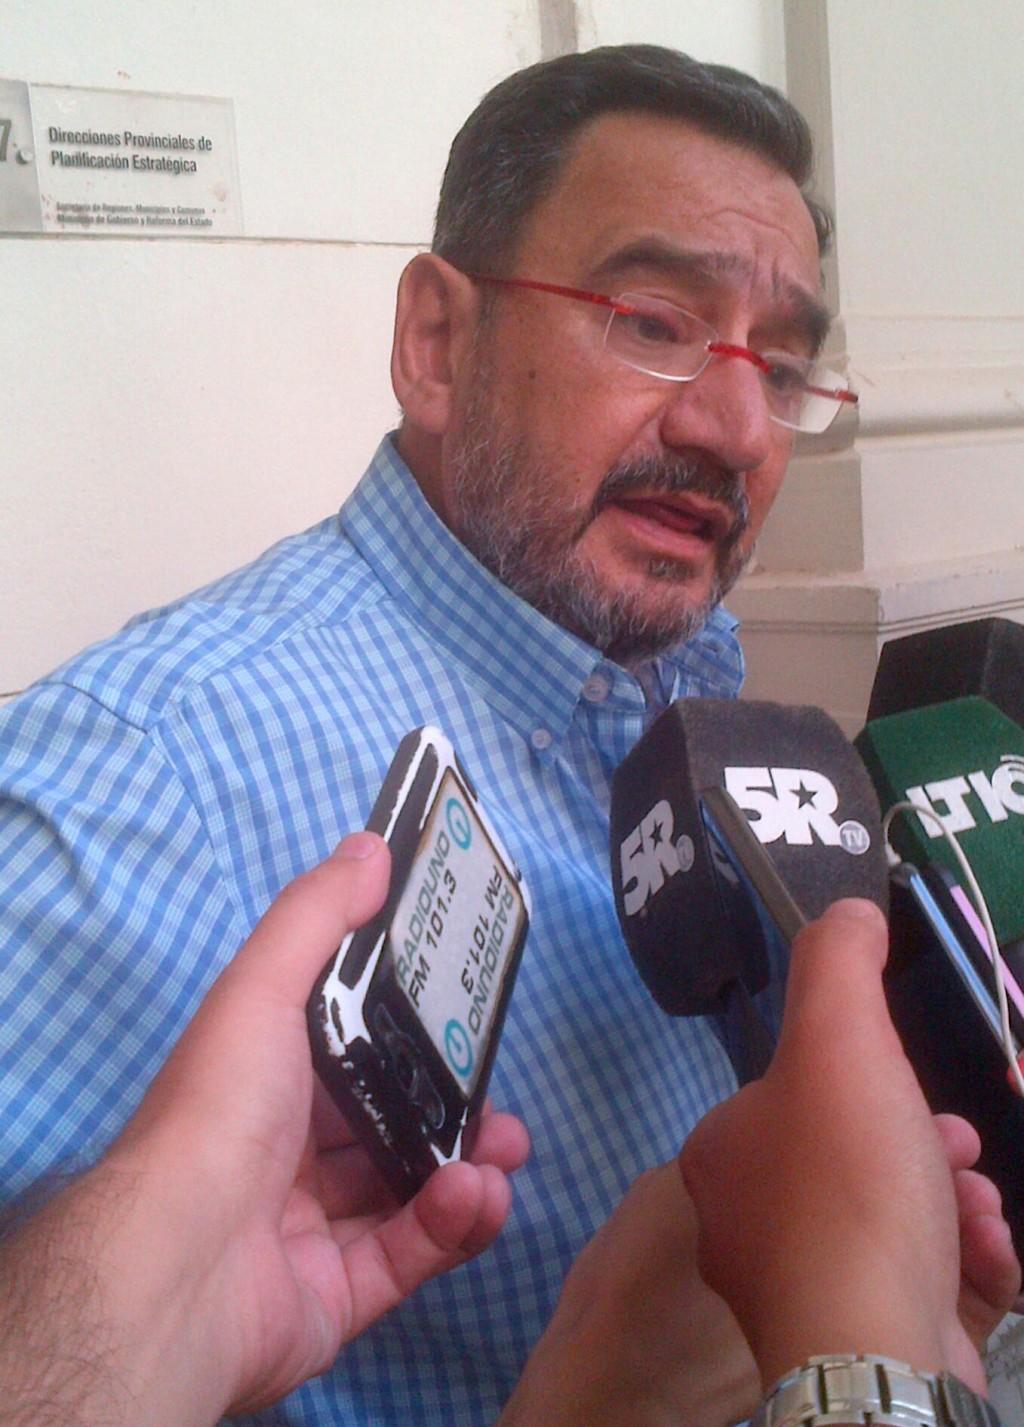 Festram manifestó su disconformidad respecto de la propuesta salarial